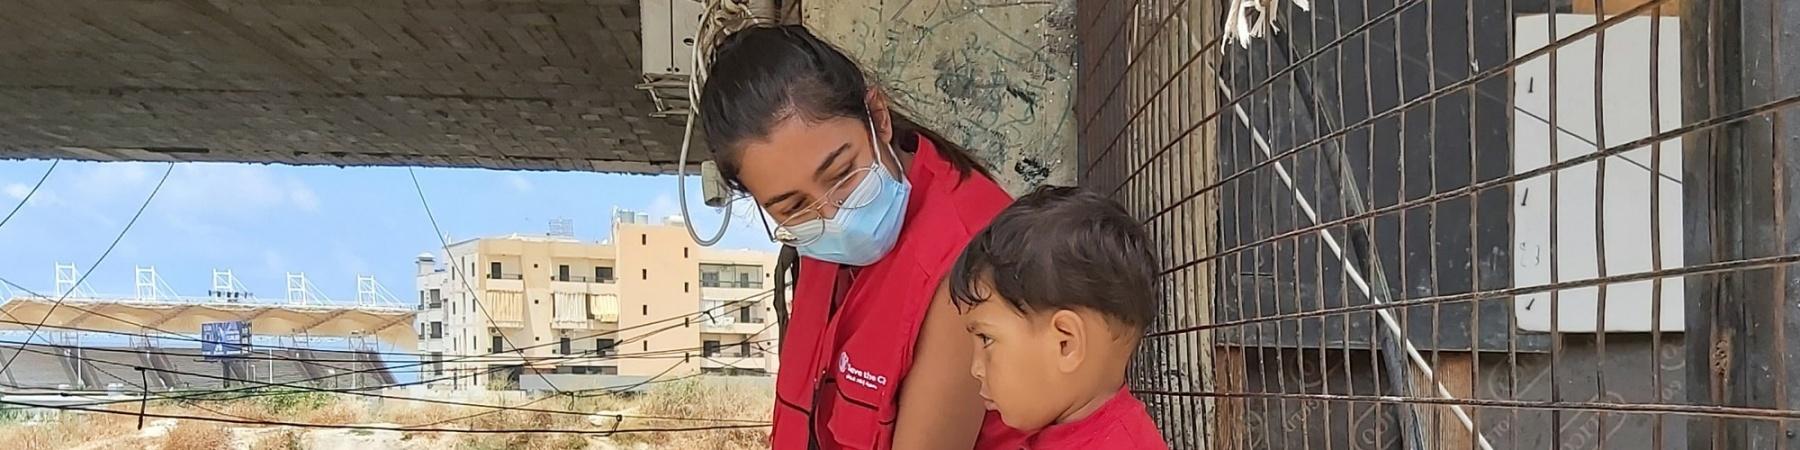 operatrice save the children con mascherina seduta su un muretto a fianco di un bimbo. Sullo sfondo varie presone che camminano.